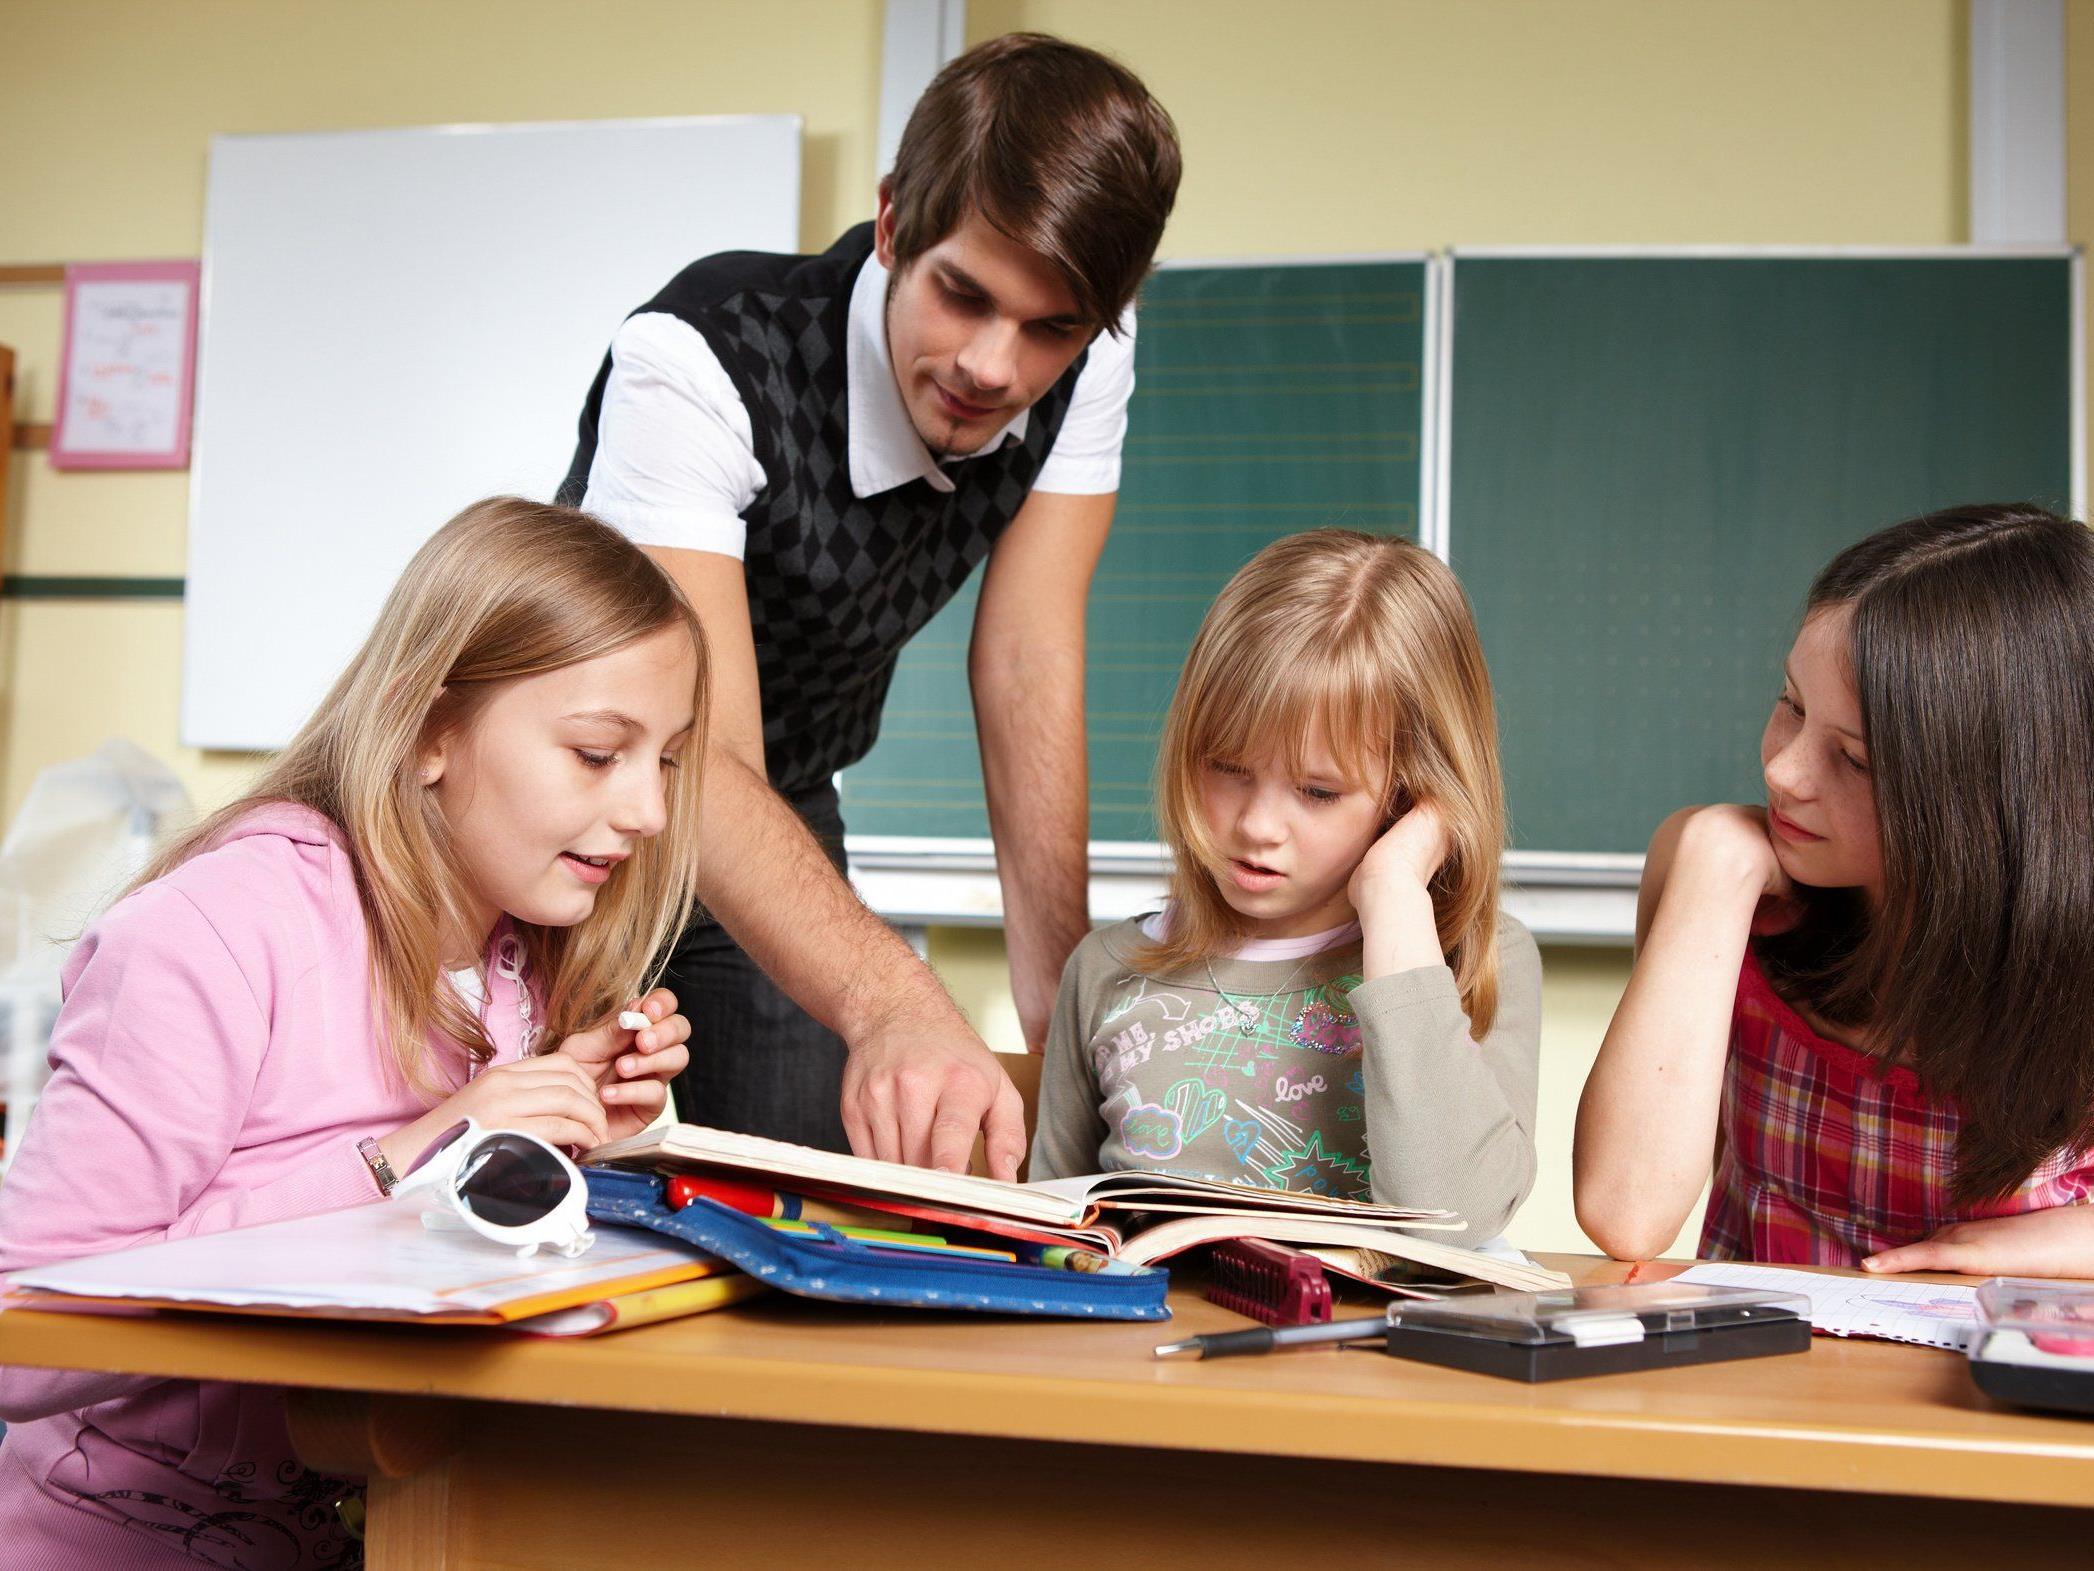 Es gibt kaum Männer in Kindergärten und Volksschulen.